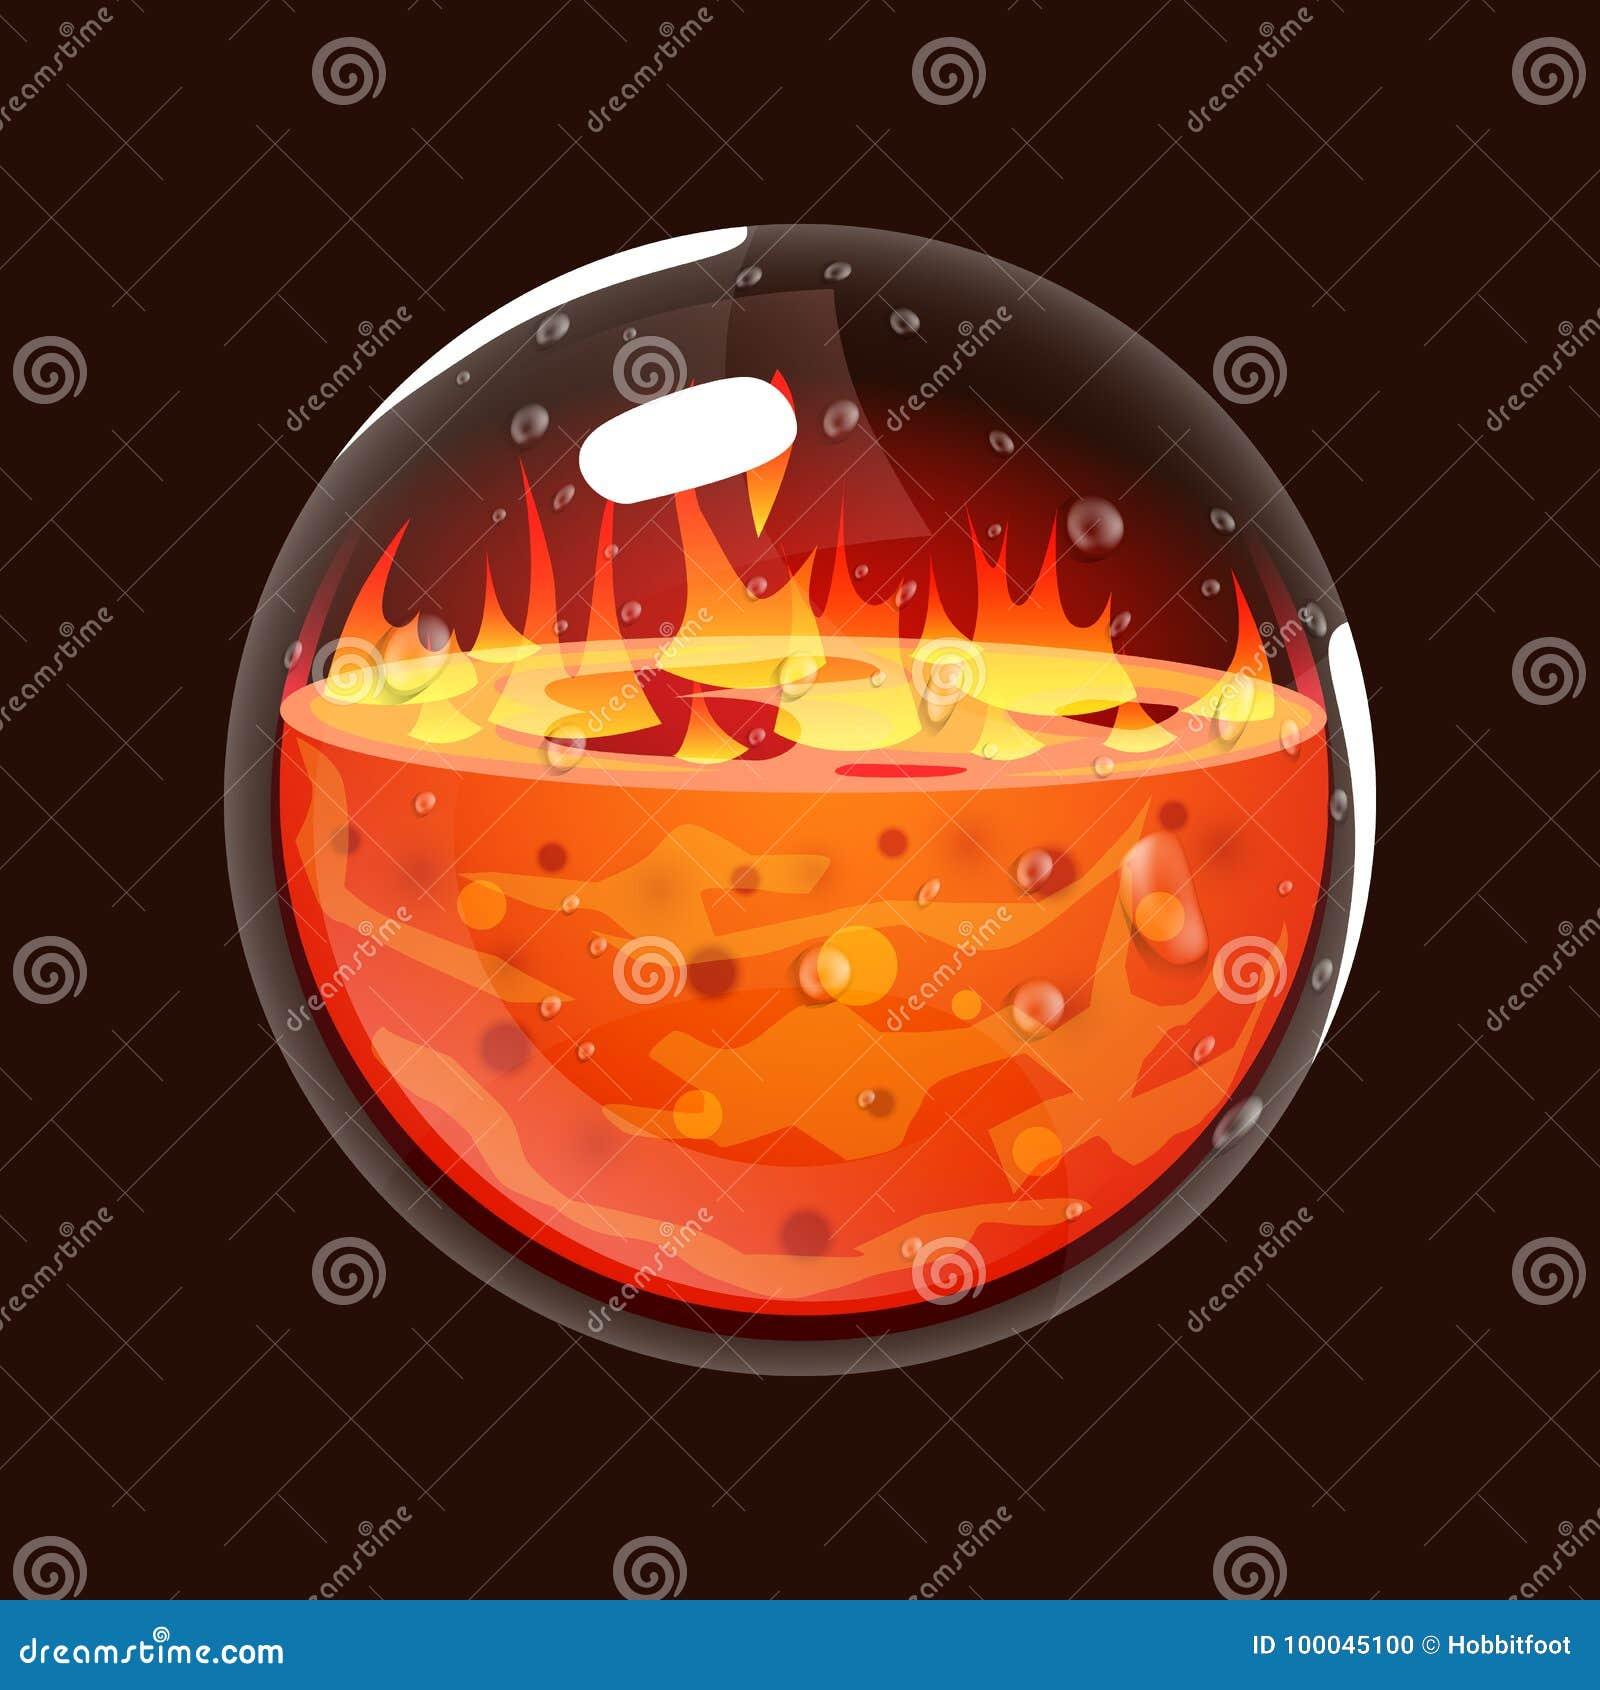 Бутылка огня Значок игры волшебного шара Интерфейс для игры rpg или match3 Большой вариант Огонь, энергия, лава, пламя